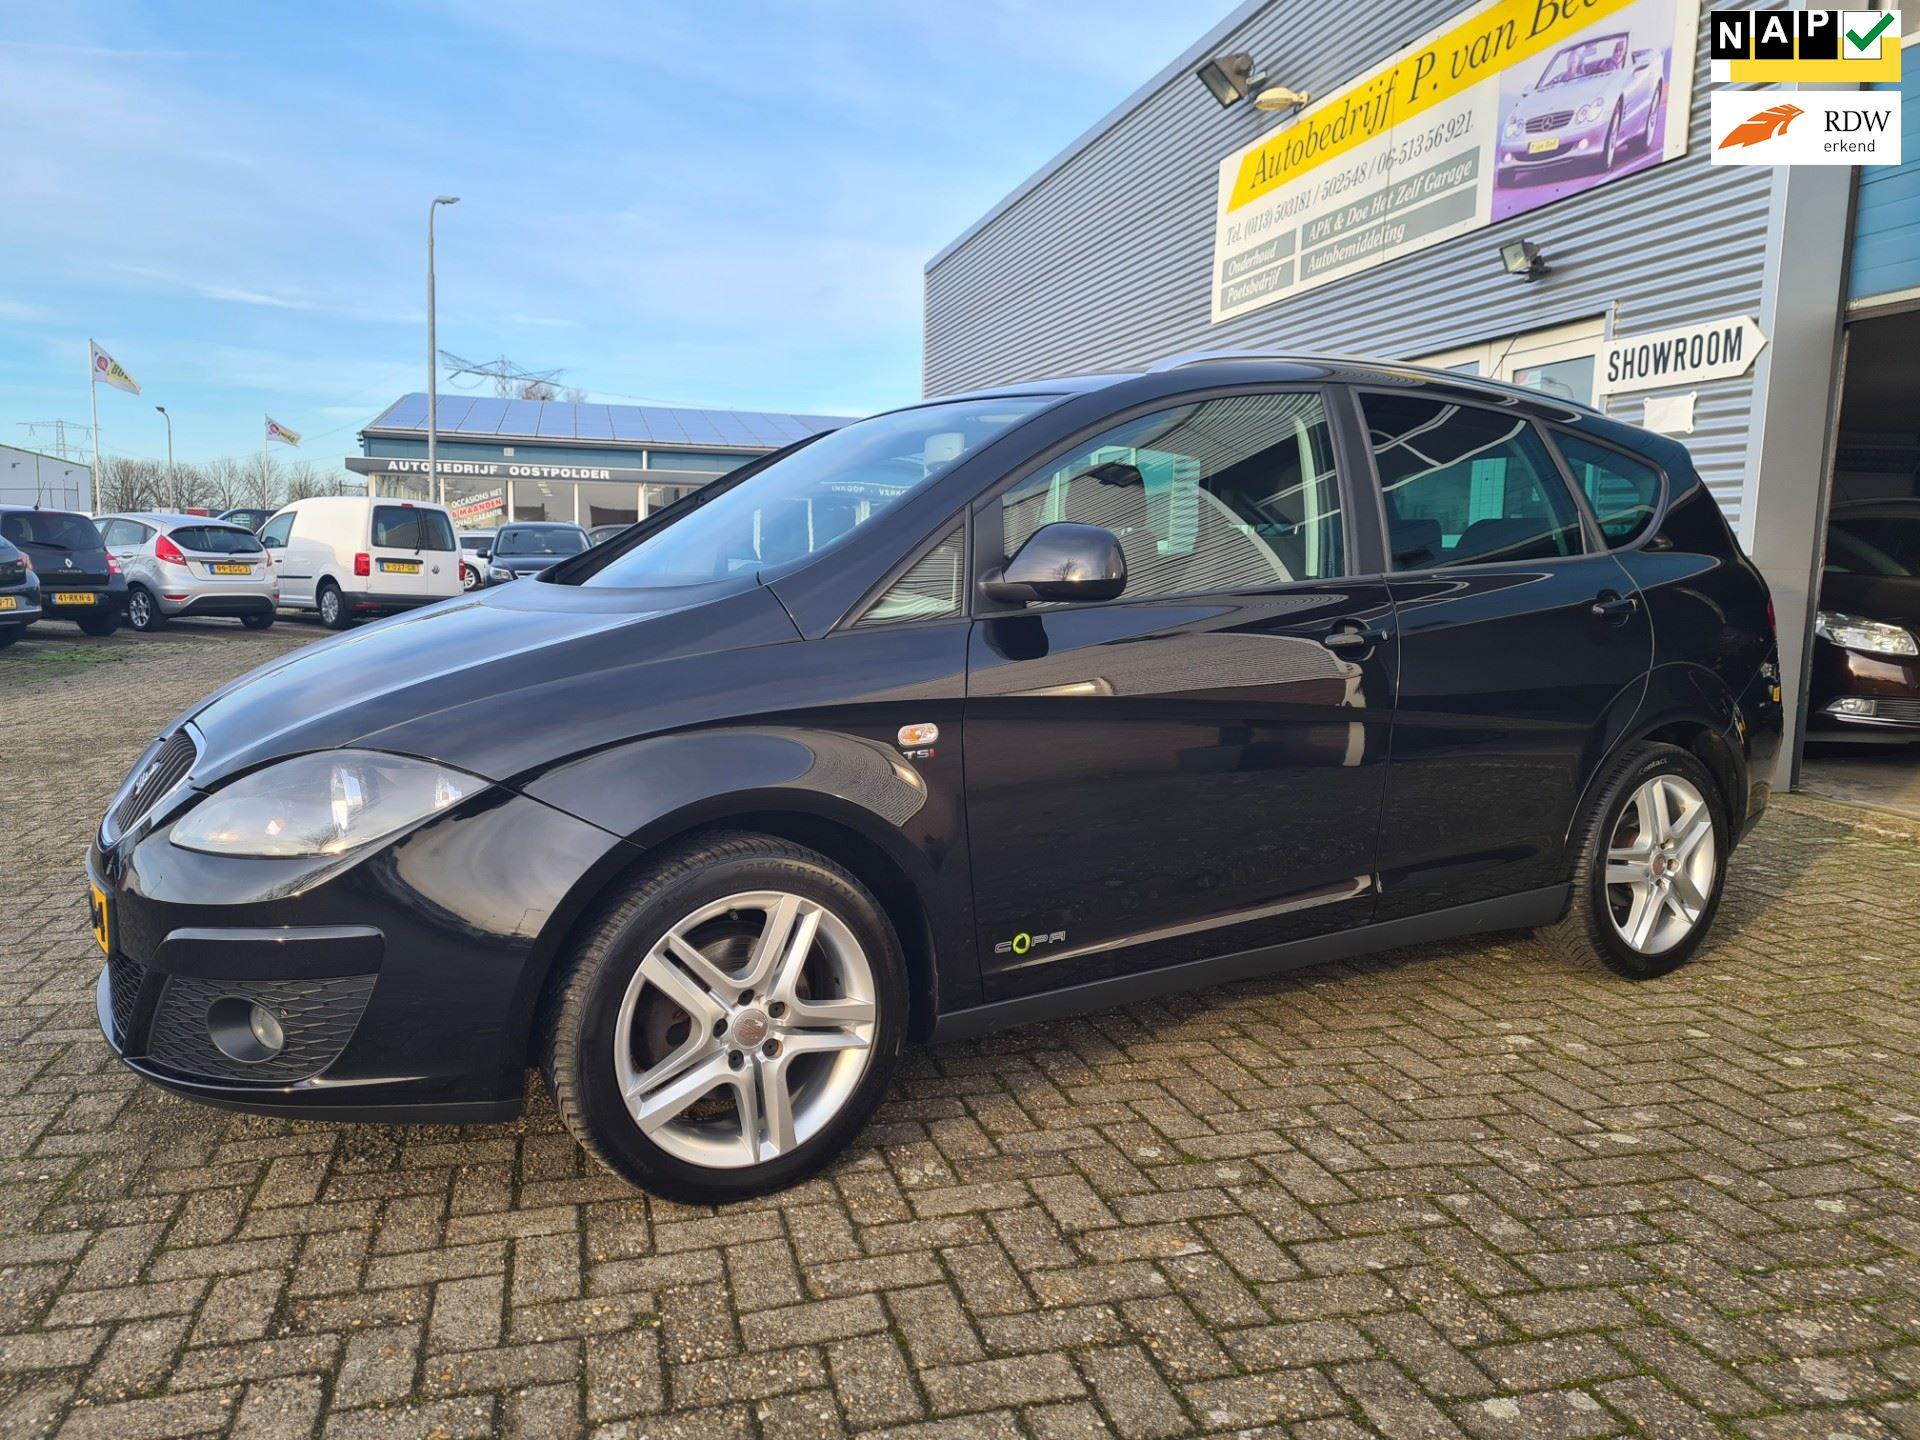 Seat Altea XL occasion - Autobedrijf P. van Beek en ZN